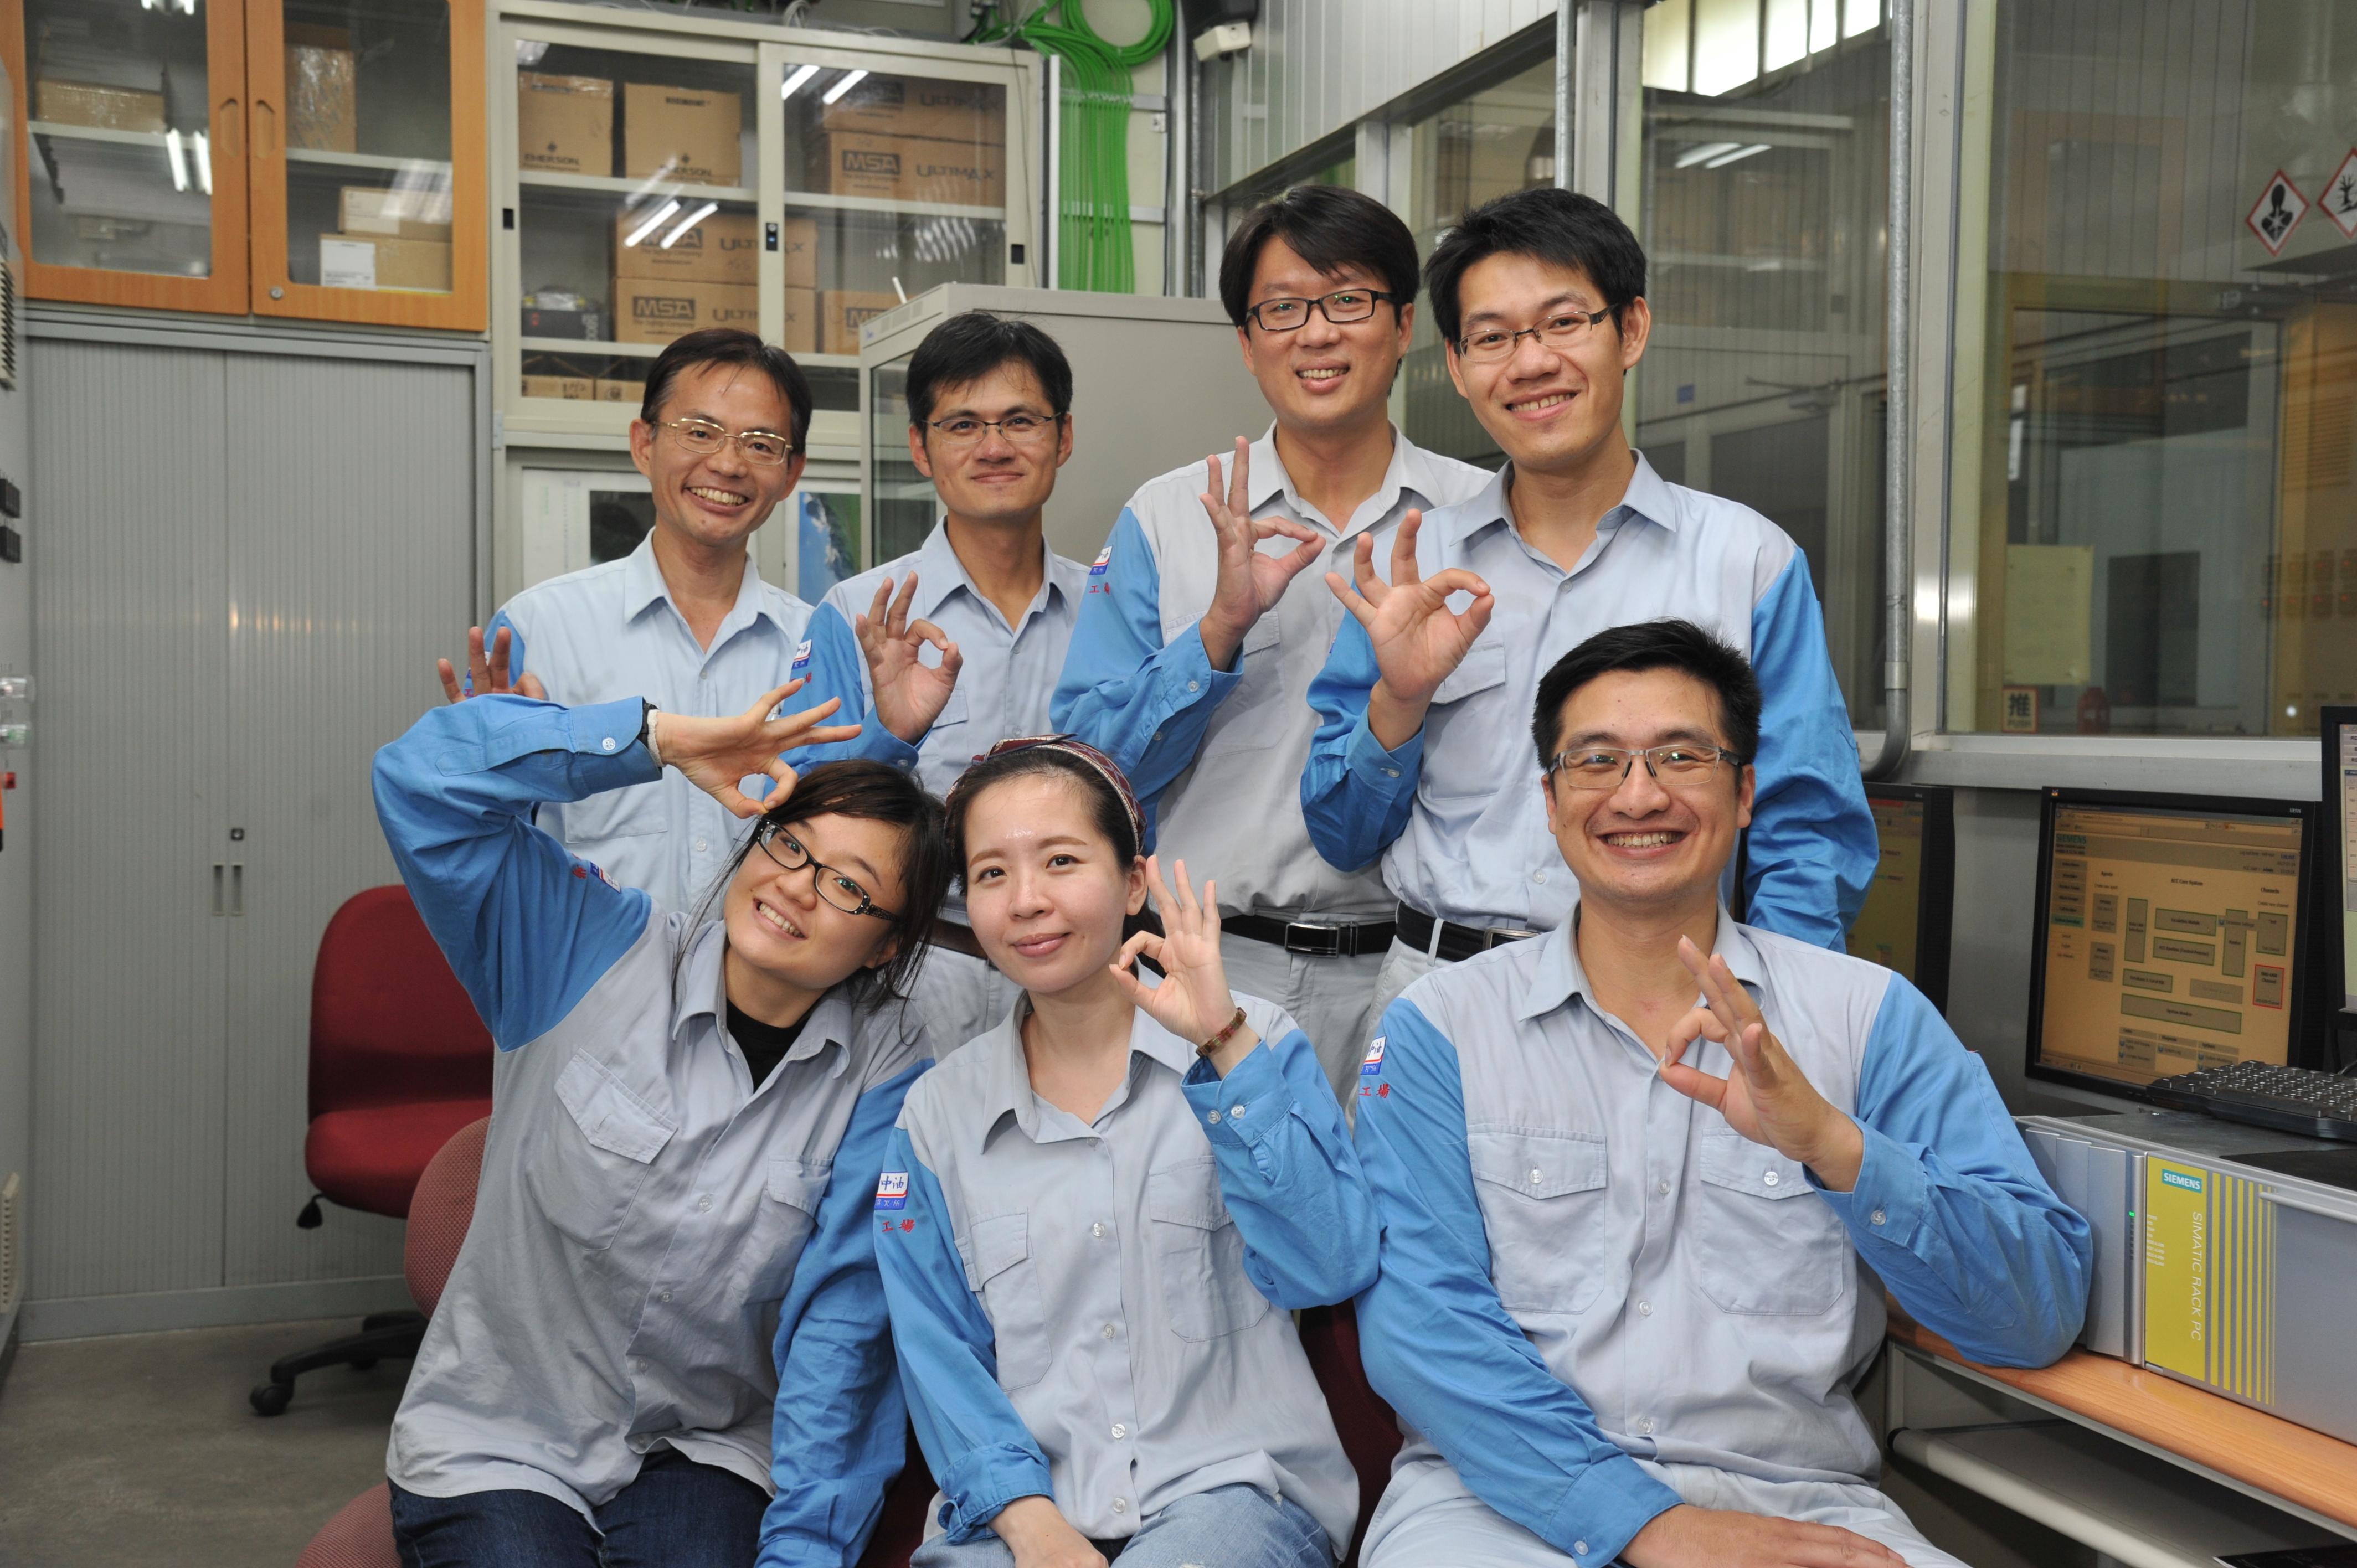 研究團隊在實驗室討論後合照